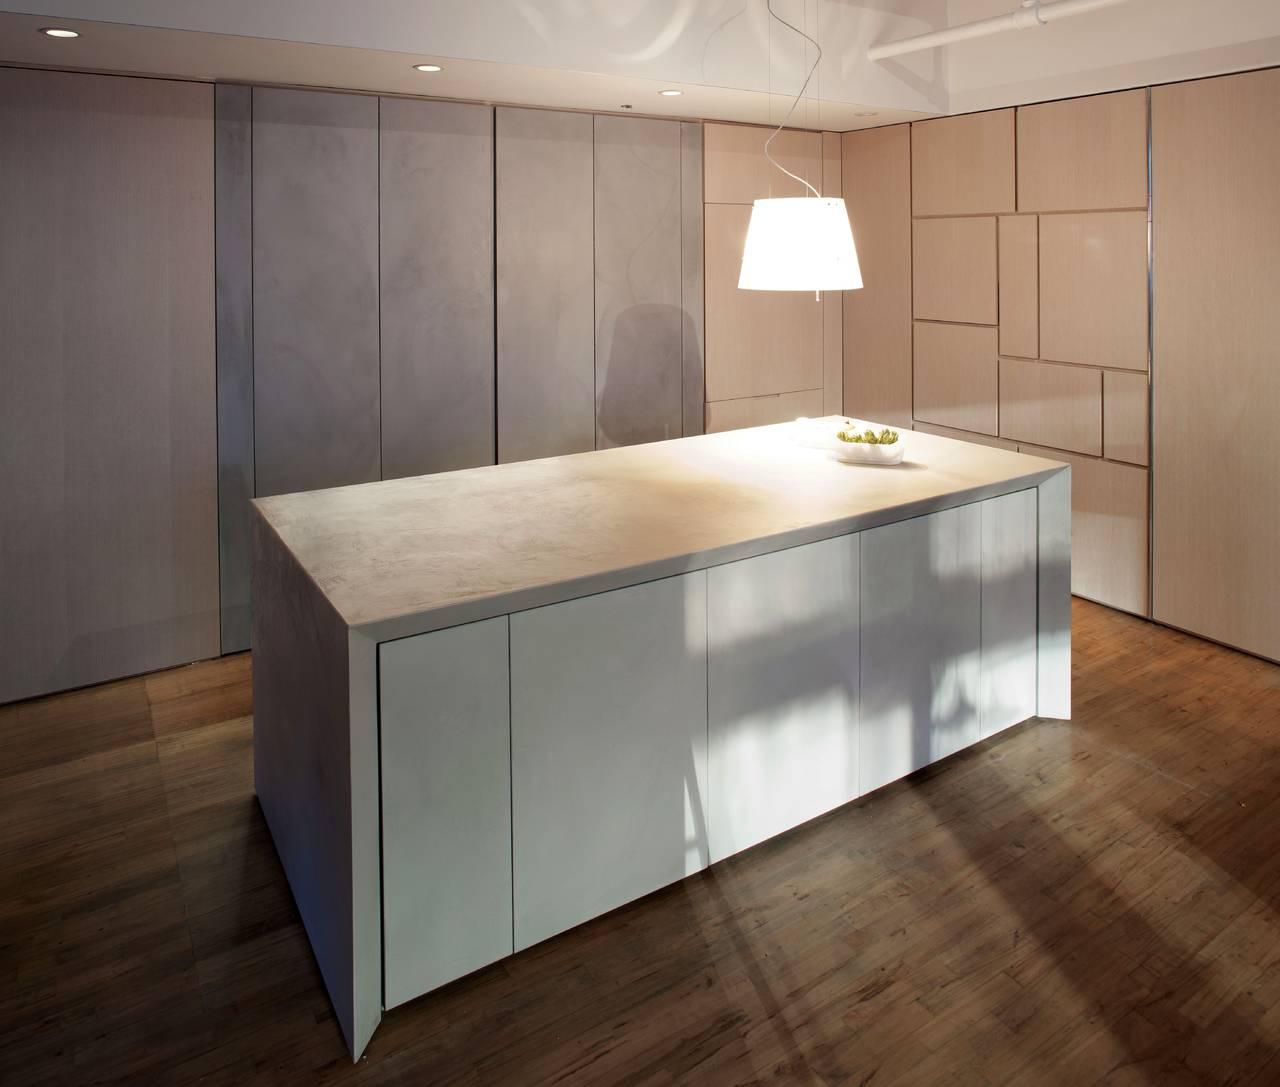 Cucina su misura Design-Apart a New York | Ambiente Cucina